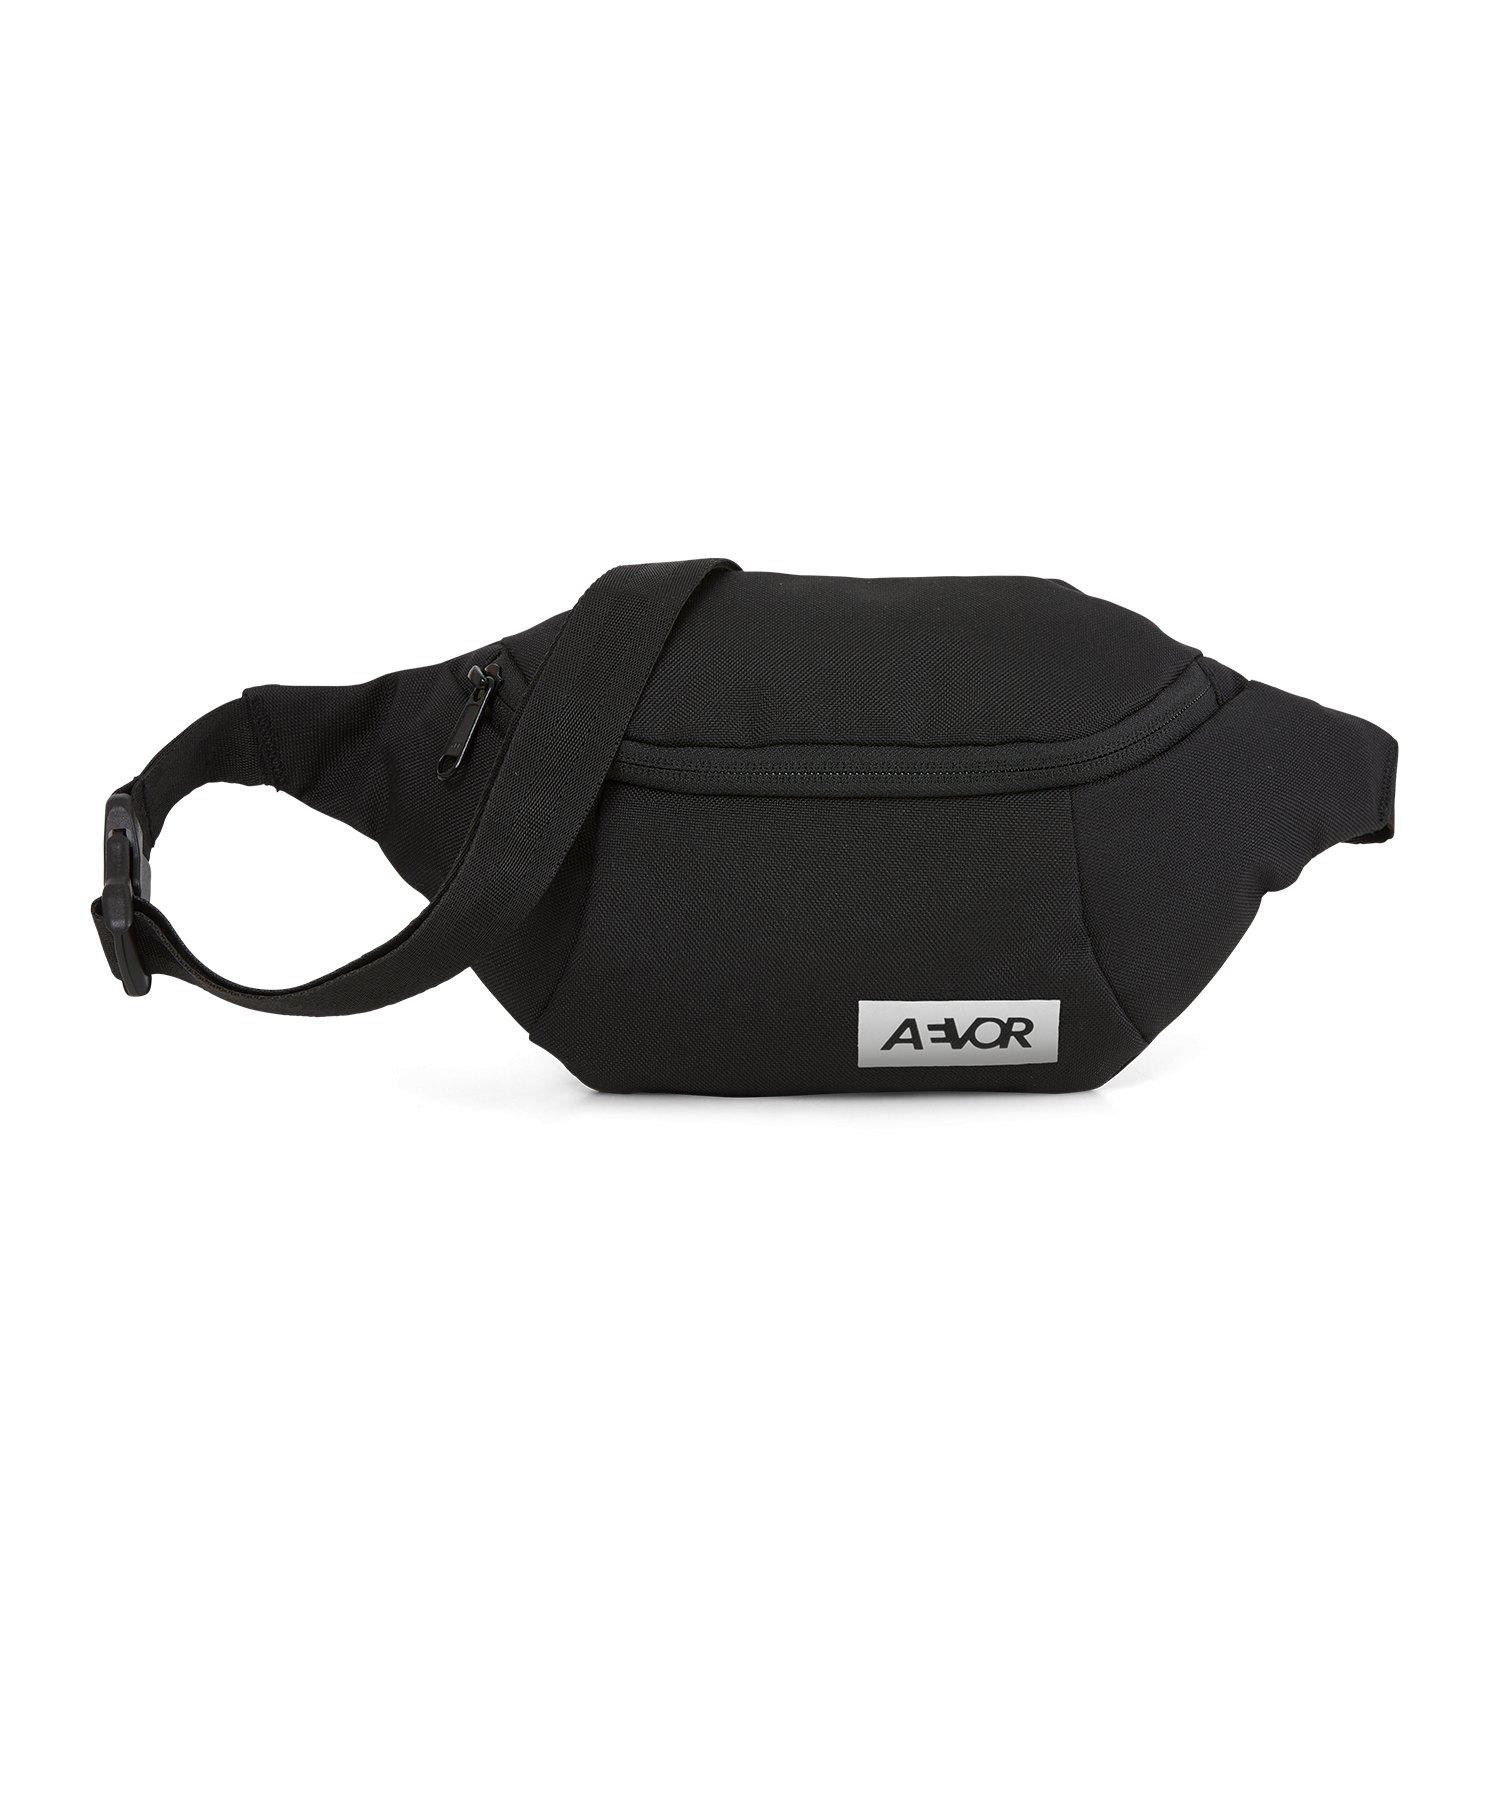 AEVOR Hip Bag Hüfttasche Schwarz F801 - schwarz